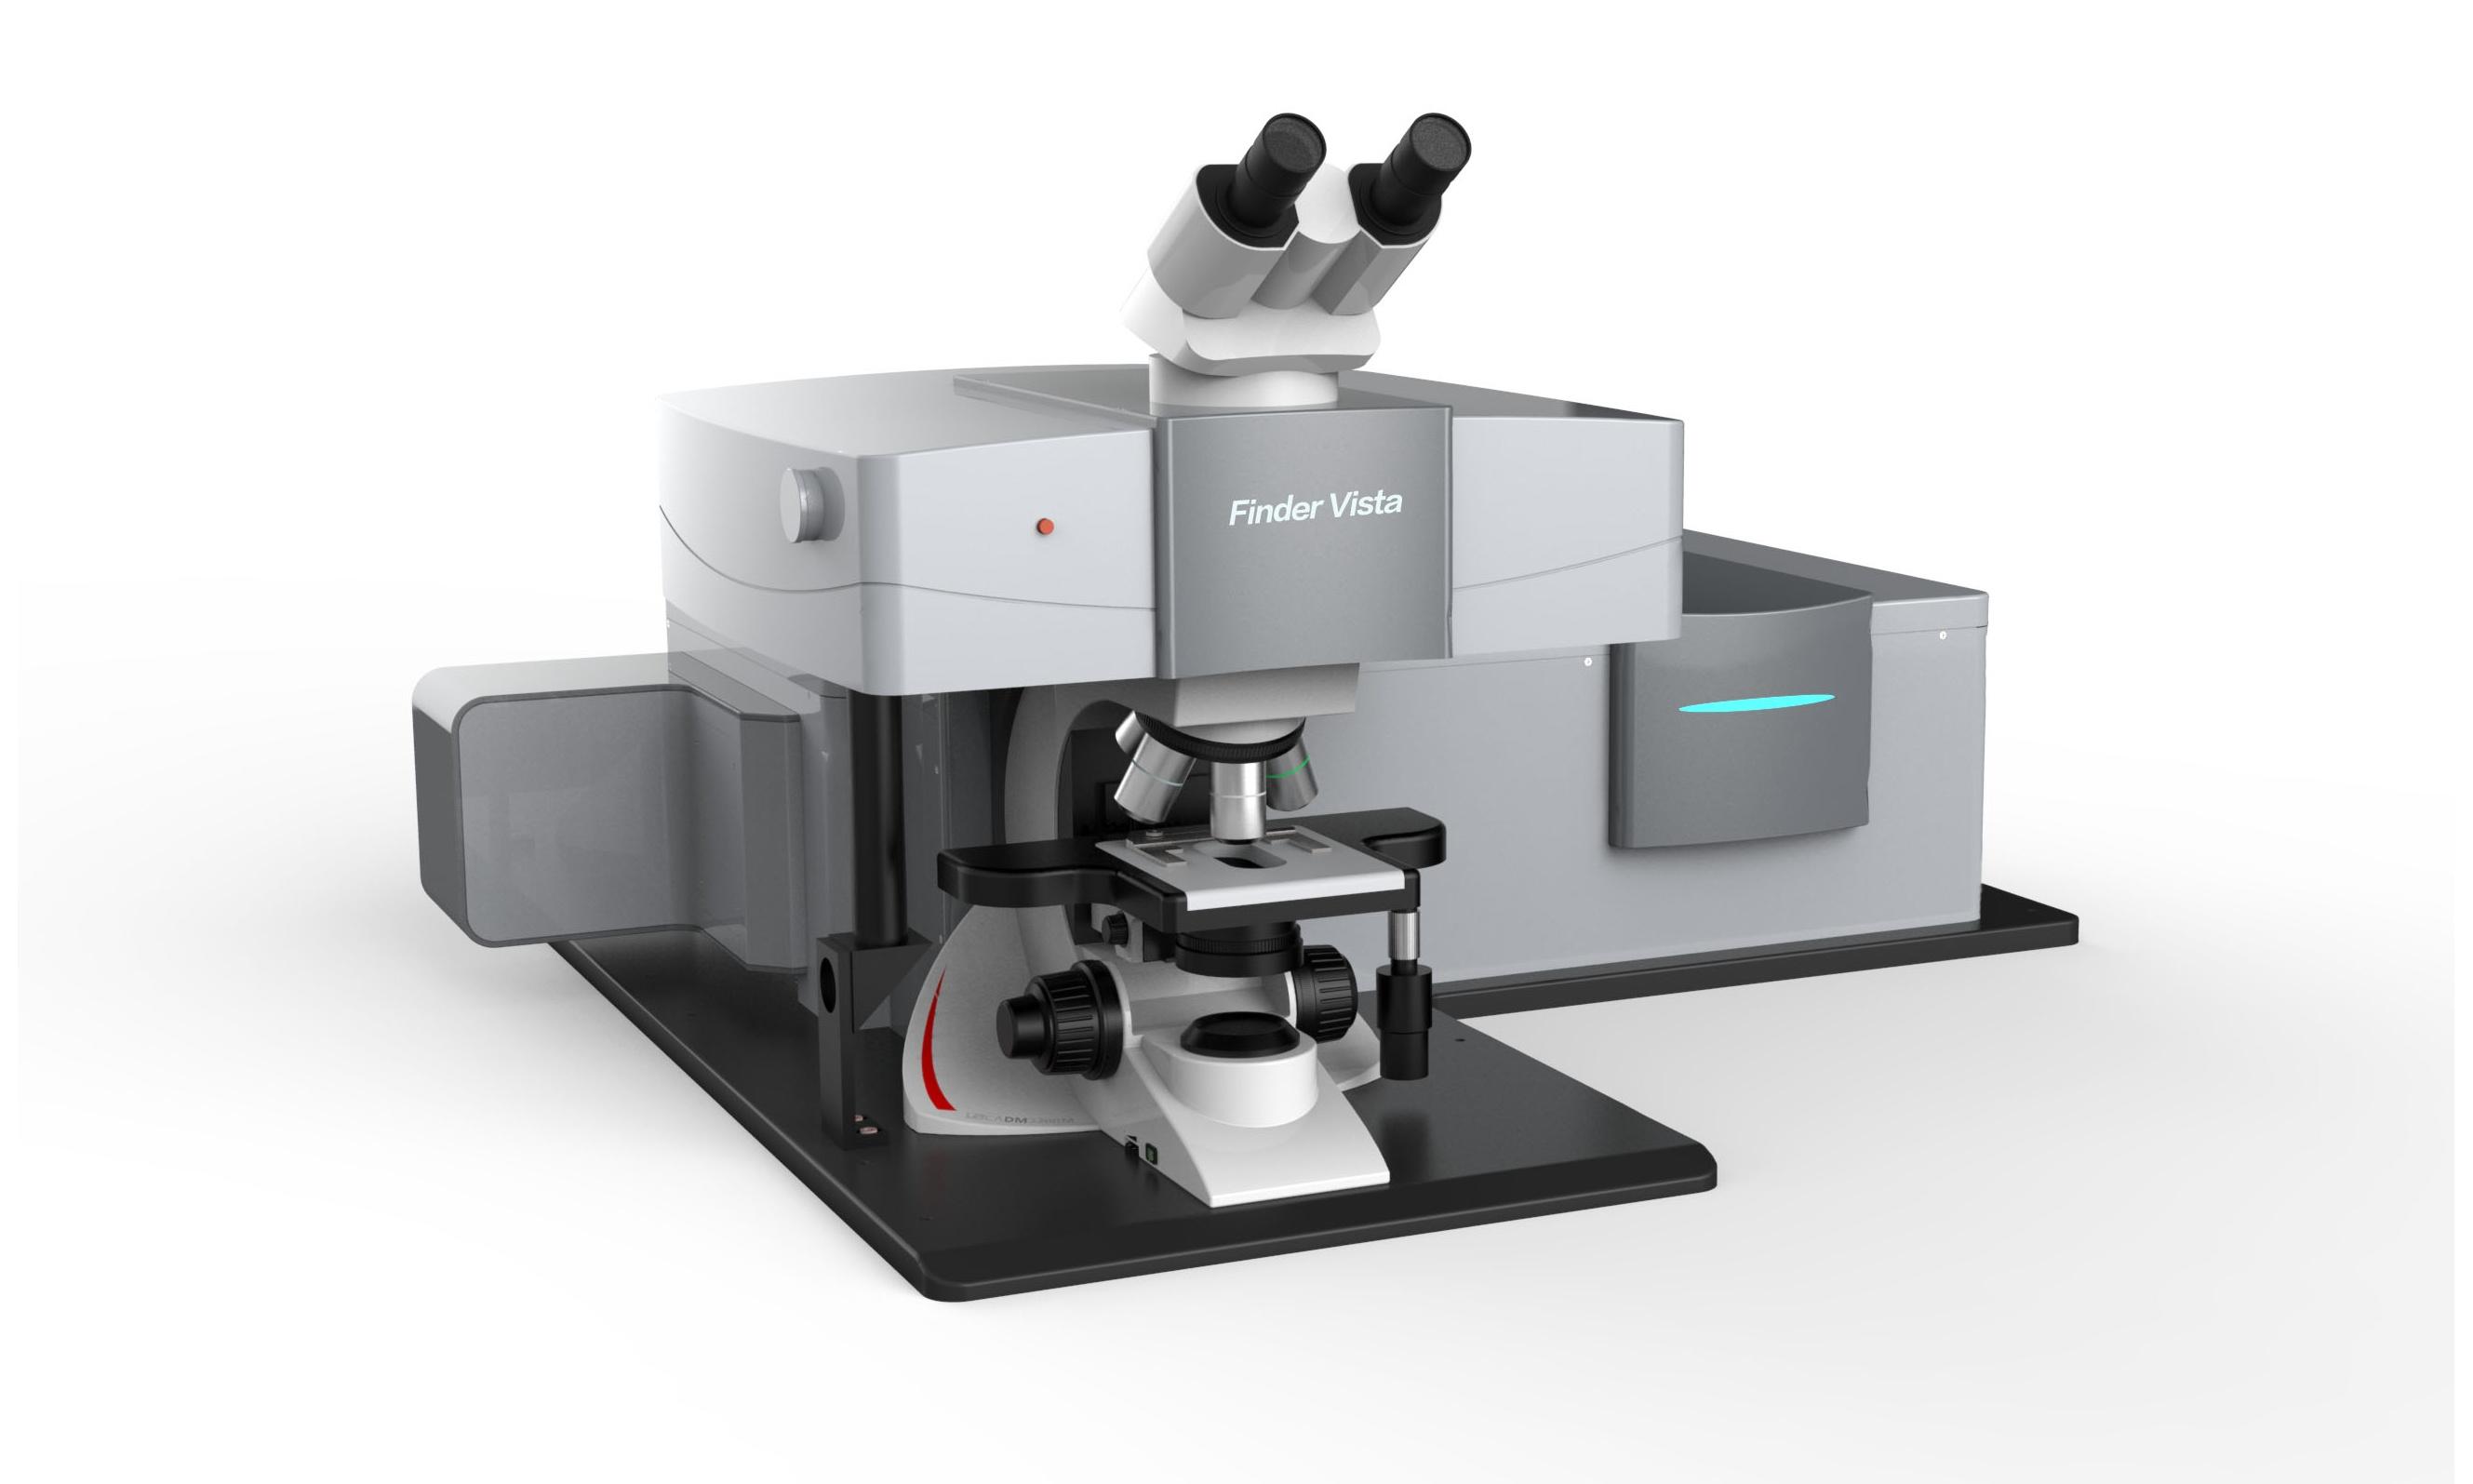 重庆绿色智能技术研究院激光拉曼成像显微镜采购招标